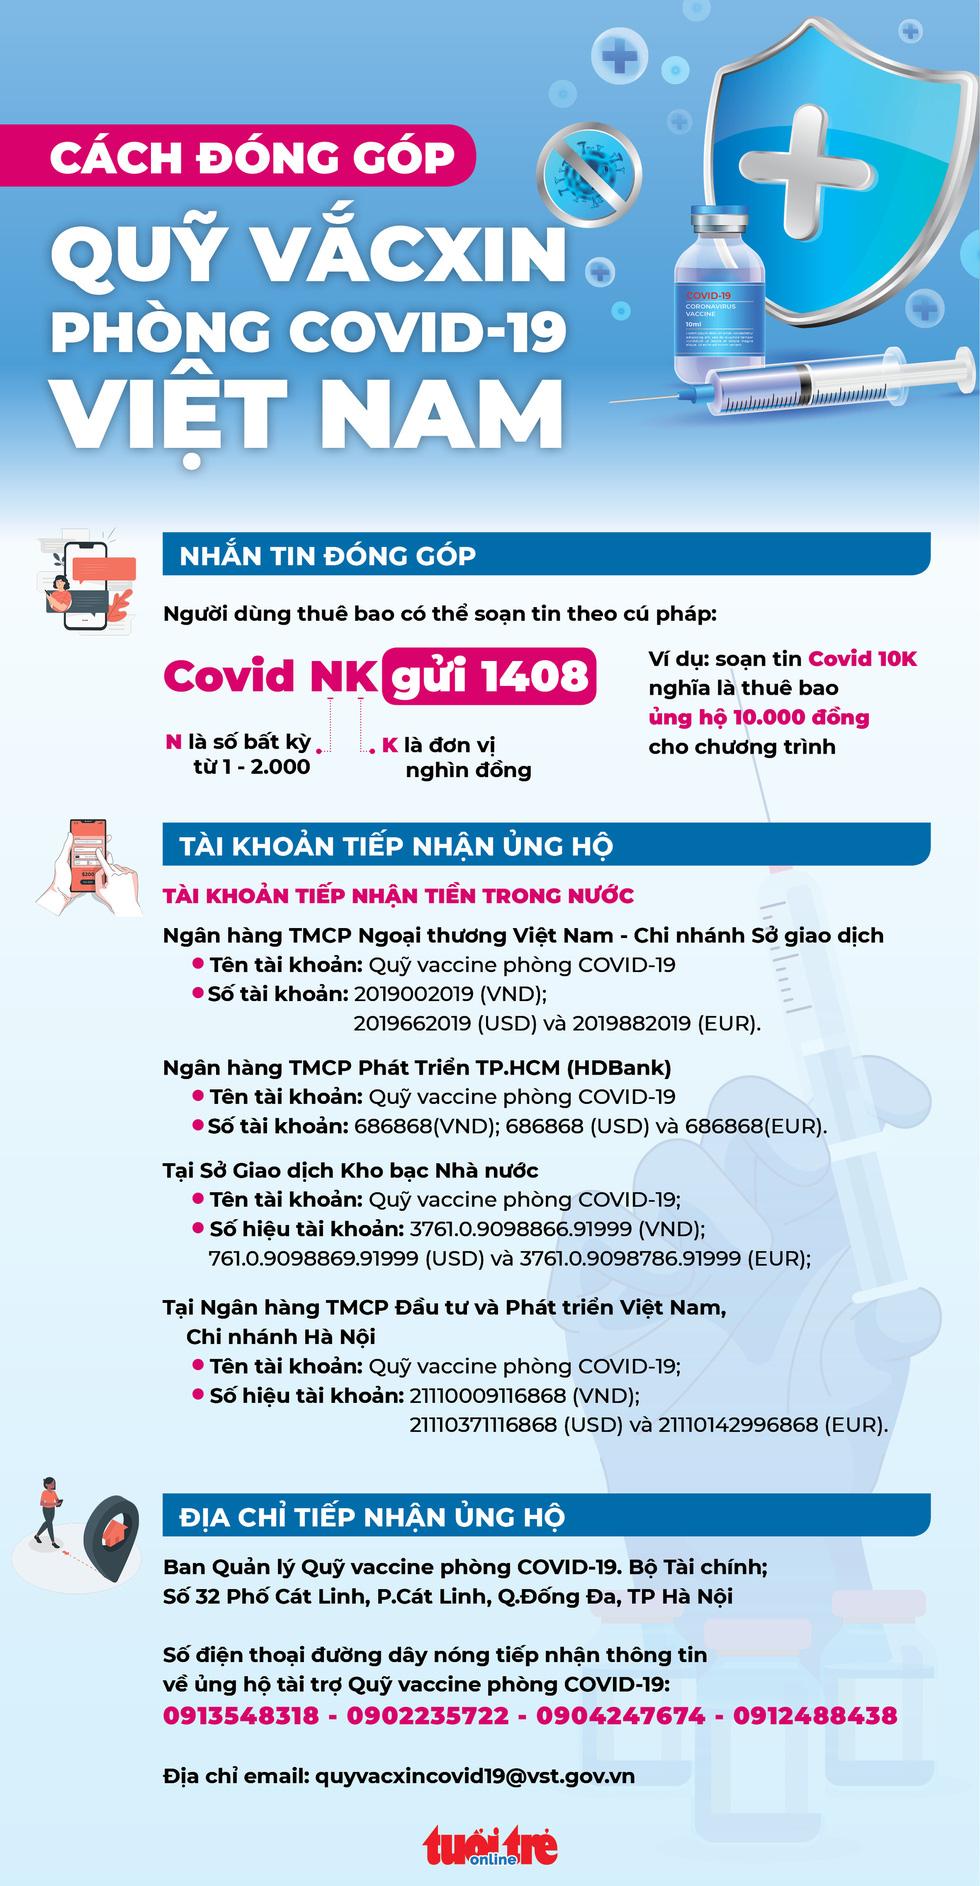 Infographic cách đóng góp vào Quỹ vắc xin phòng chống COVID-19 - Ảnh 1.